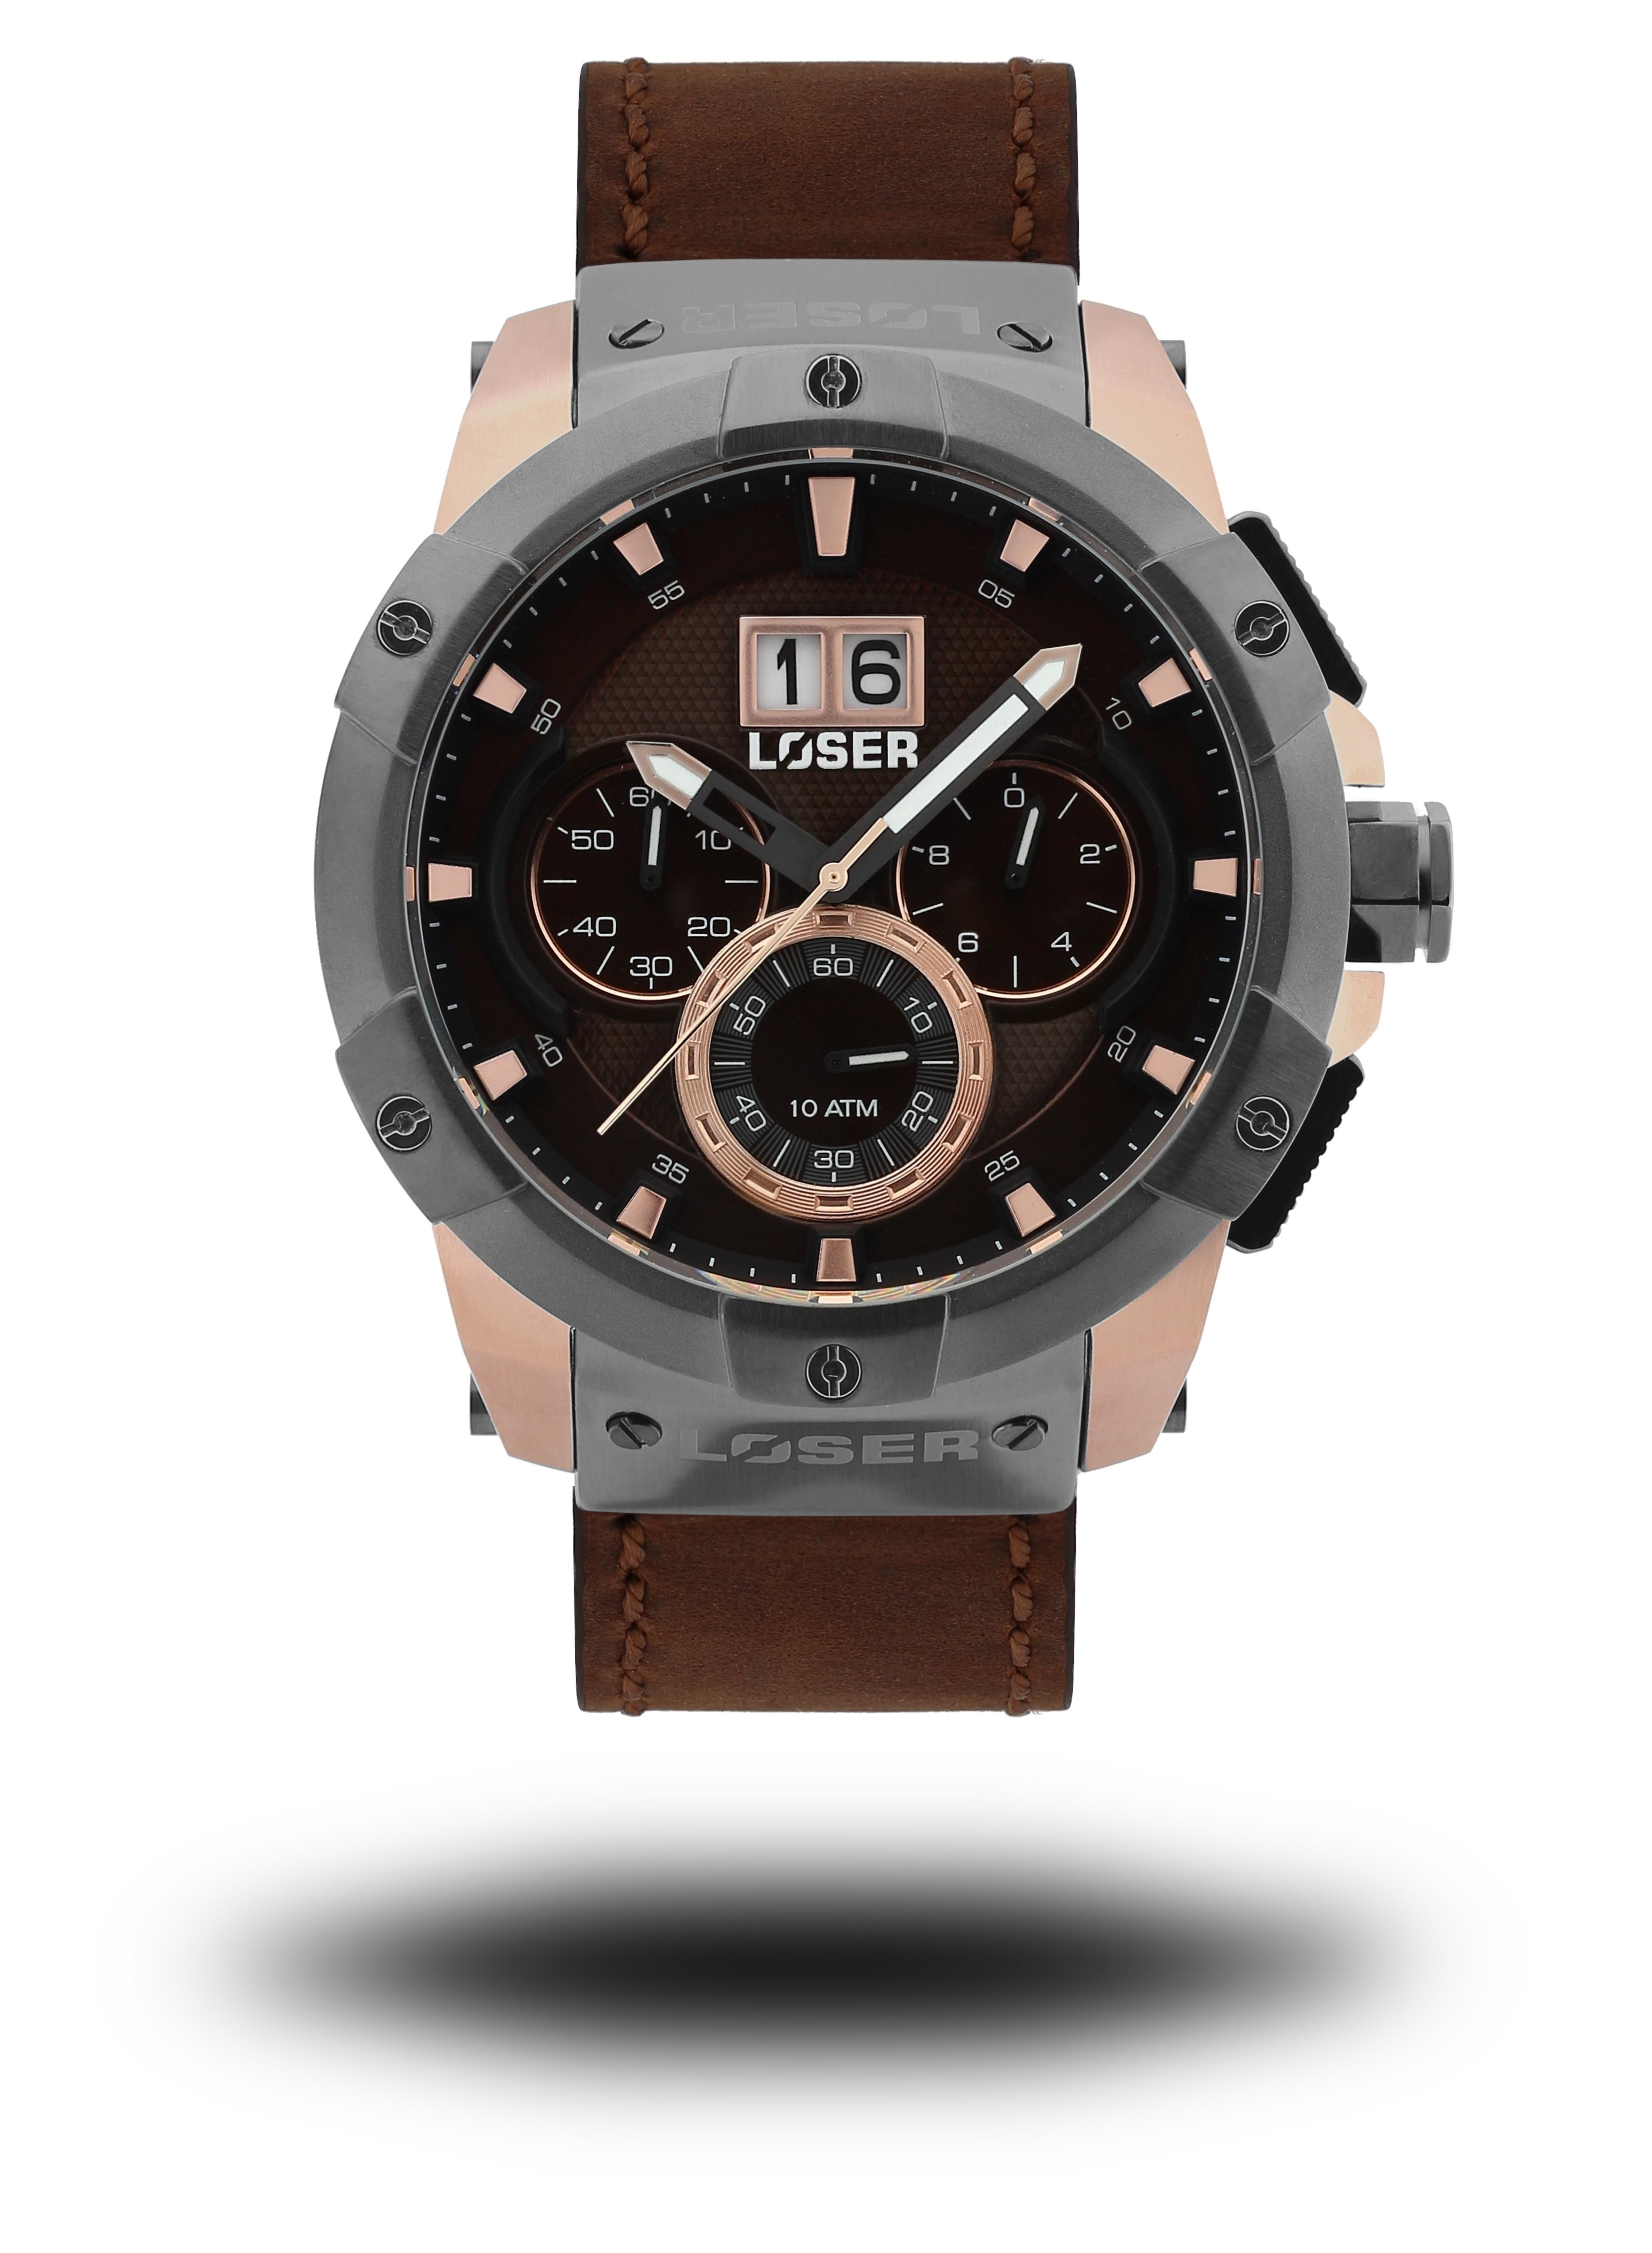 Luxusní nadčasové sportovní vodotěsné mohutné hodinky LOSER Vision NOBLE BROWN (POŠTOVNÉ ZDARMA!! - hnědé)